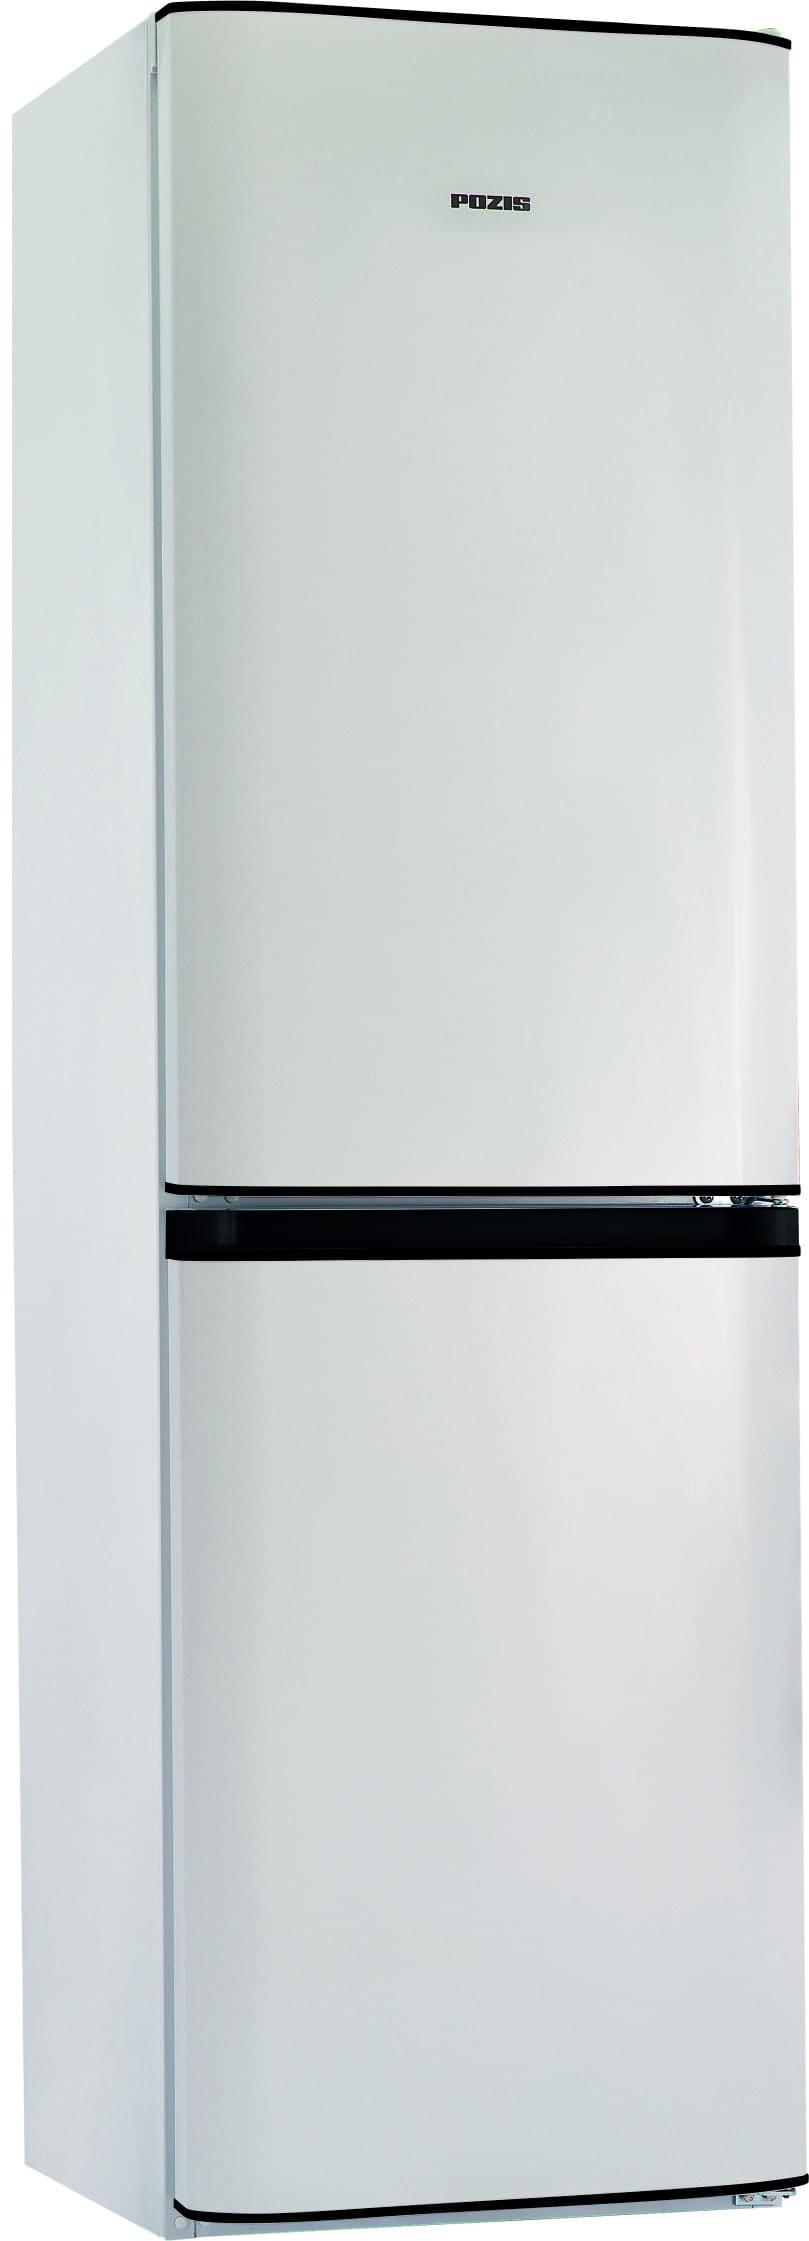 Шкаф холодильный RK FNF-172 белый с черными накладками